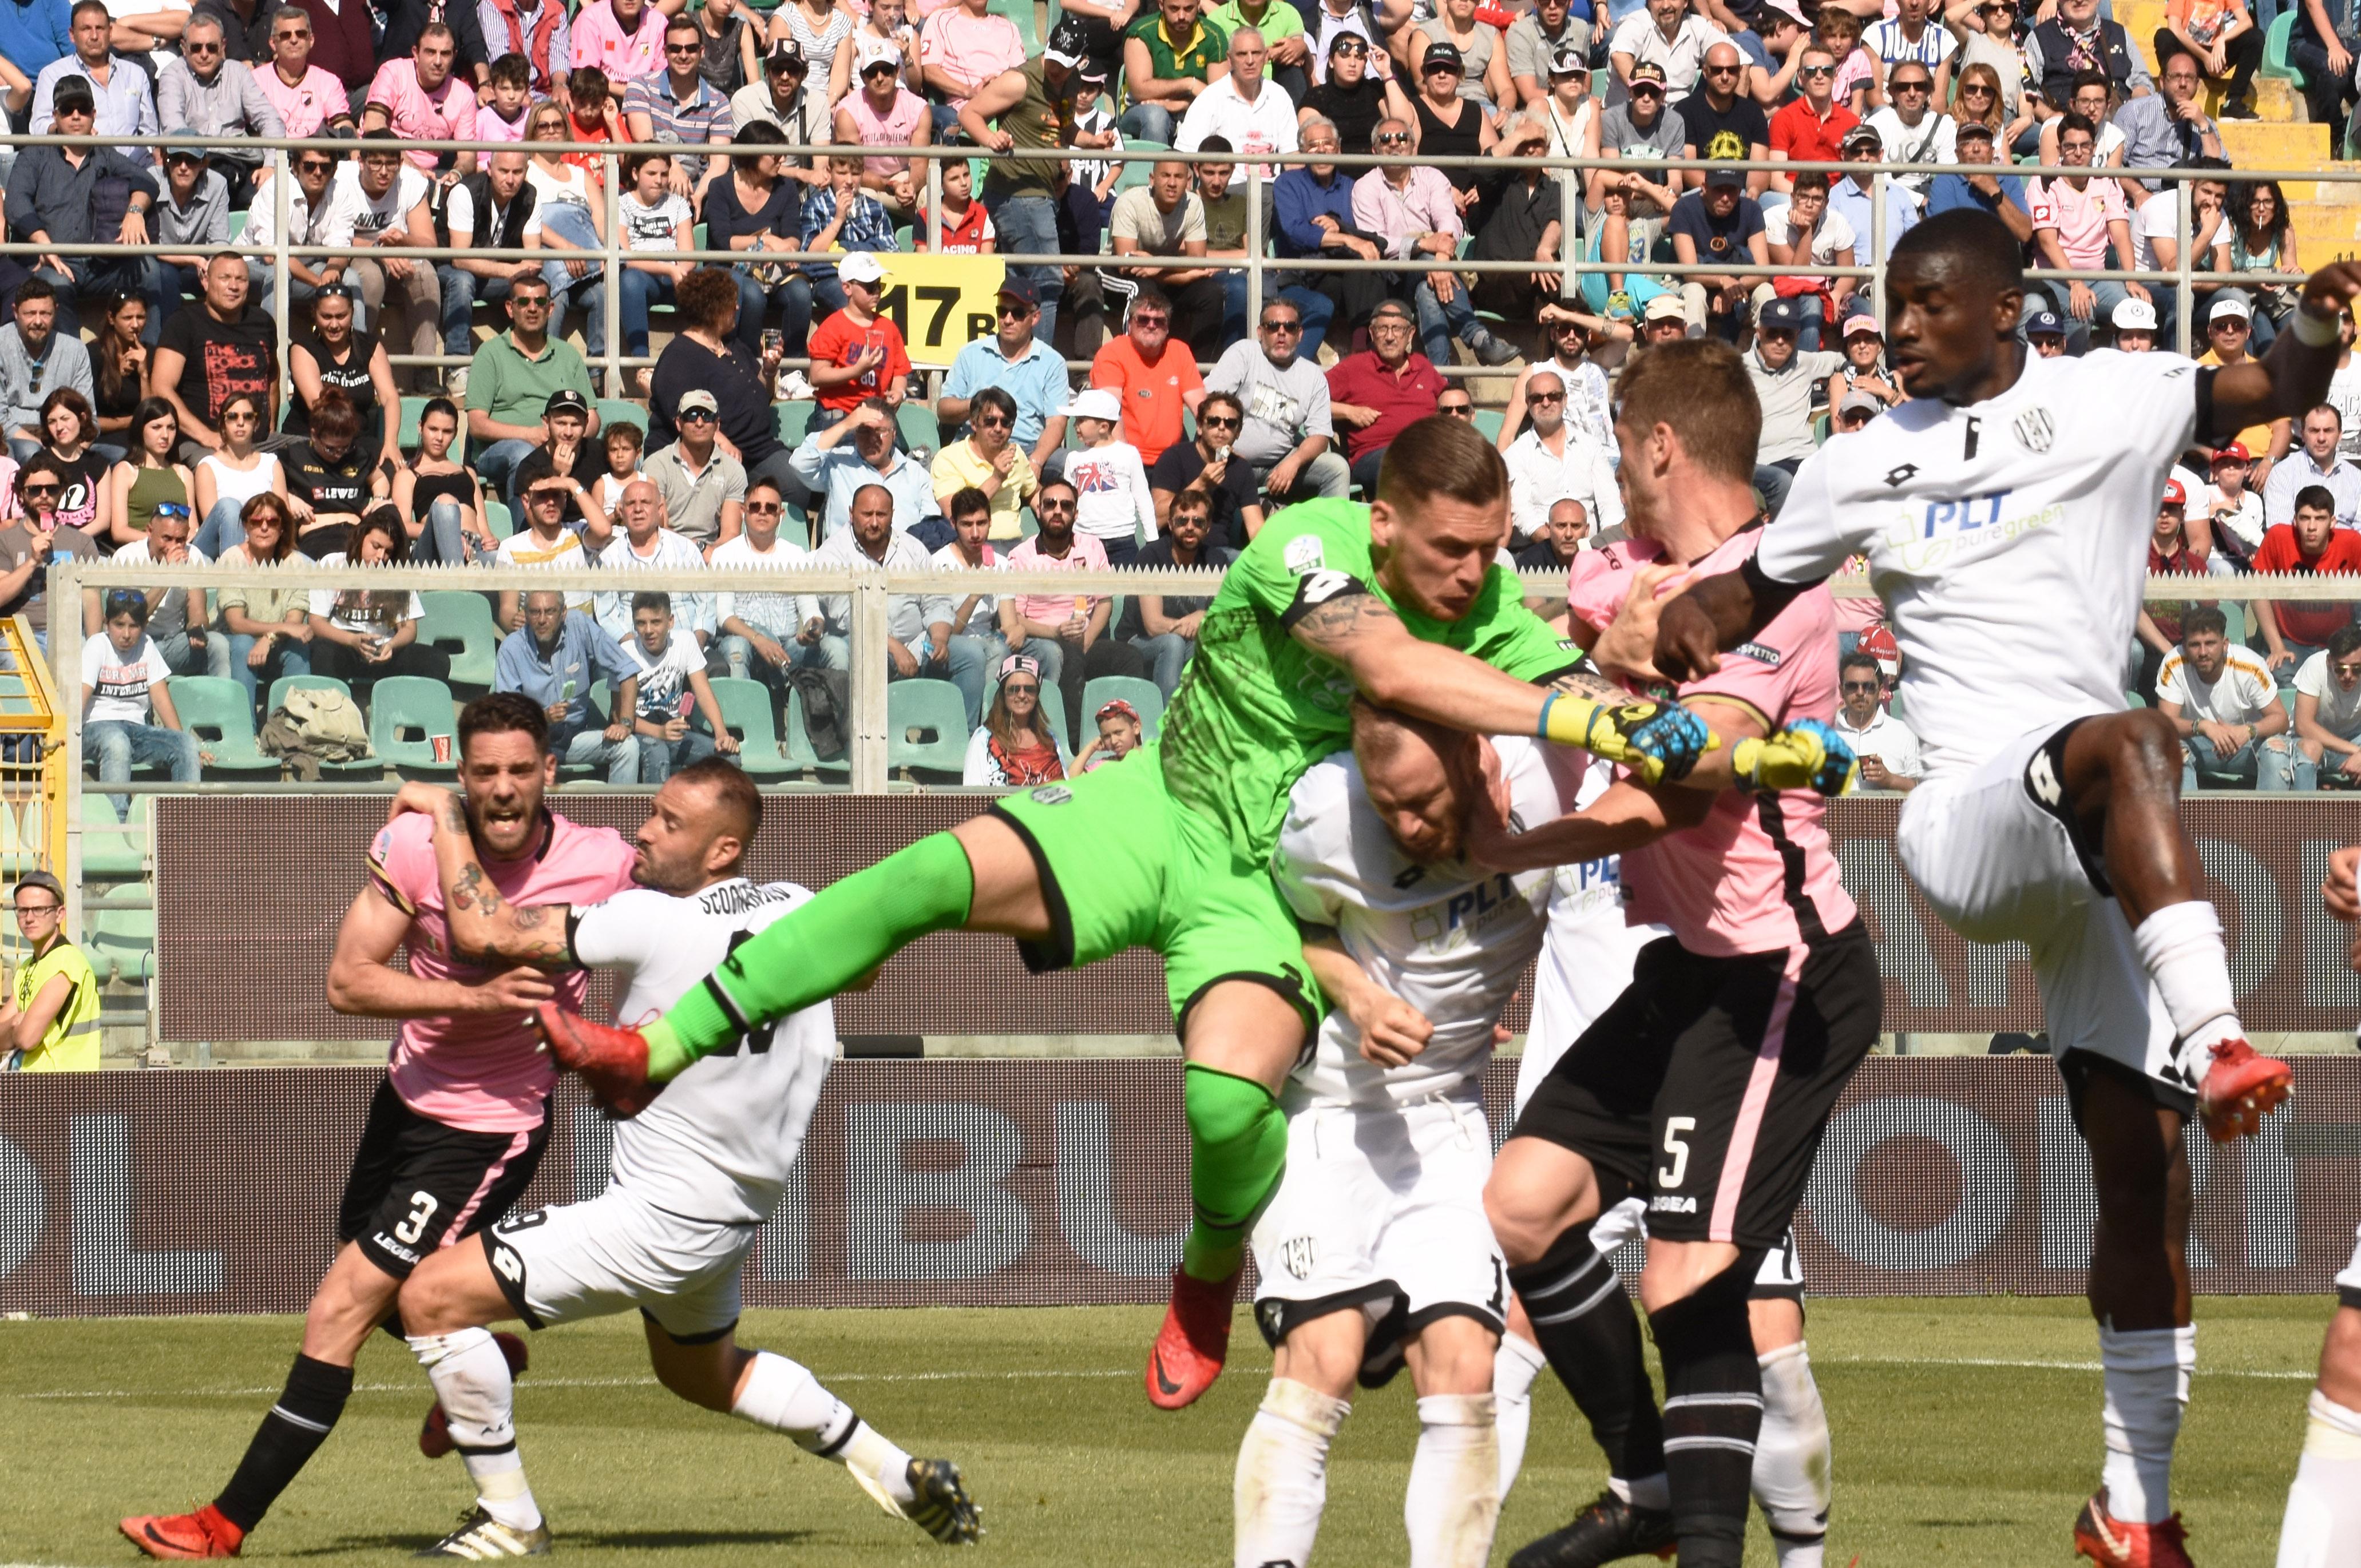 """Se la promozione diventa di colpo un miraggio. Il Palermo in un Barbera gremito non va oltre lo 0-0 con il Cesena di Rino Foschi e sciupa la propria grande occasione per centrare la serie A entro la fine della regular season. Il momento chiave della gara è il rigore sbagliato da Coronado nel primo tempo, che di fatto lascia a Parma e Frosinone il ruolo di duellante per il secondo posato in classifica. GLI HIGHLIGHTS DEL MATCH LE PAGELLE DI GUIDO MONASTRA LA CRONACA DEL MATCH ZAMPARINI: """"CERTI FISCHI MI HANNO FATTO MALE"""""""